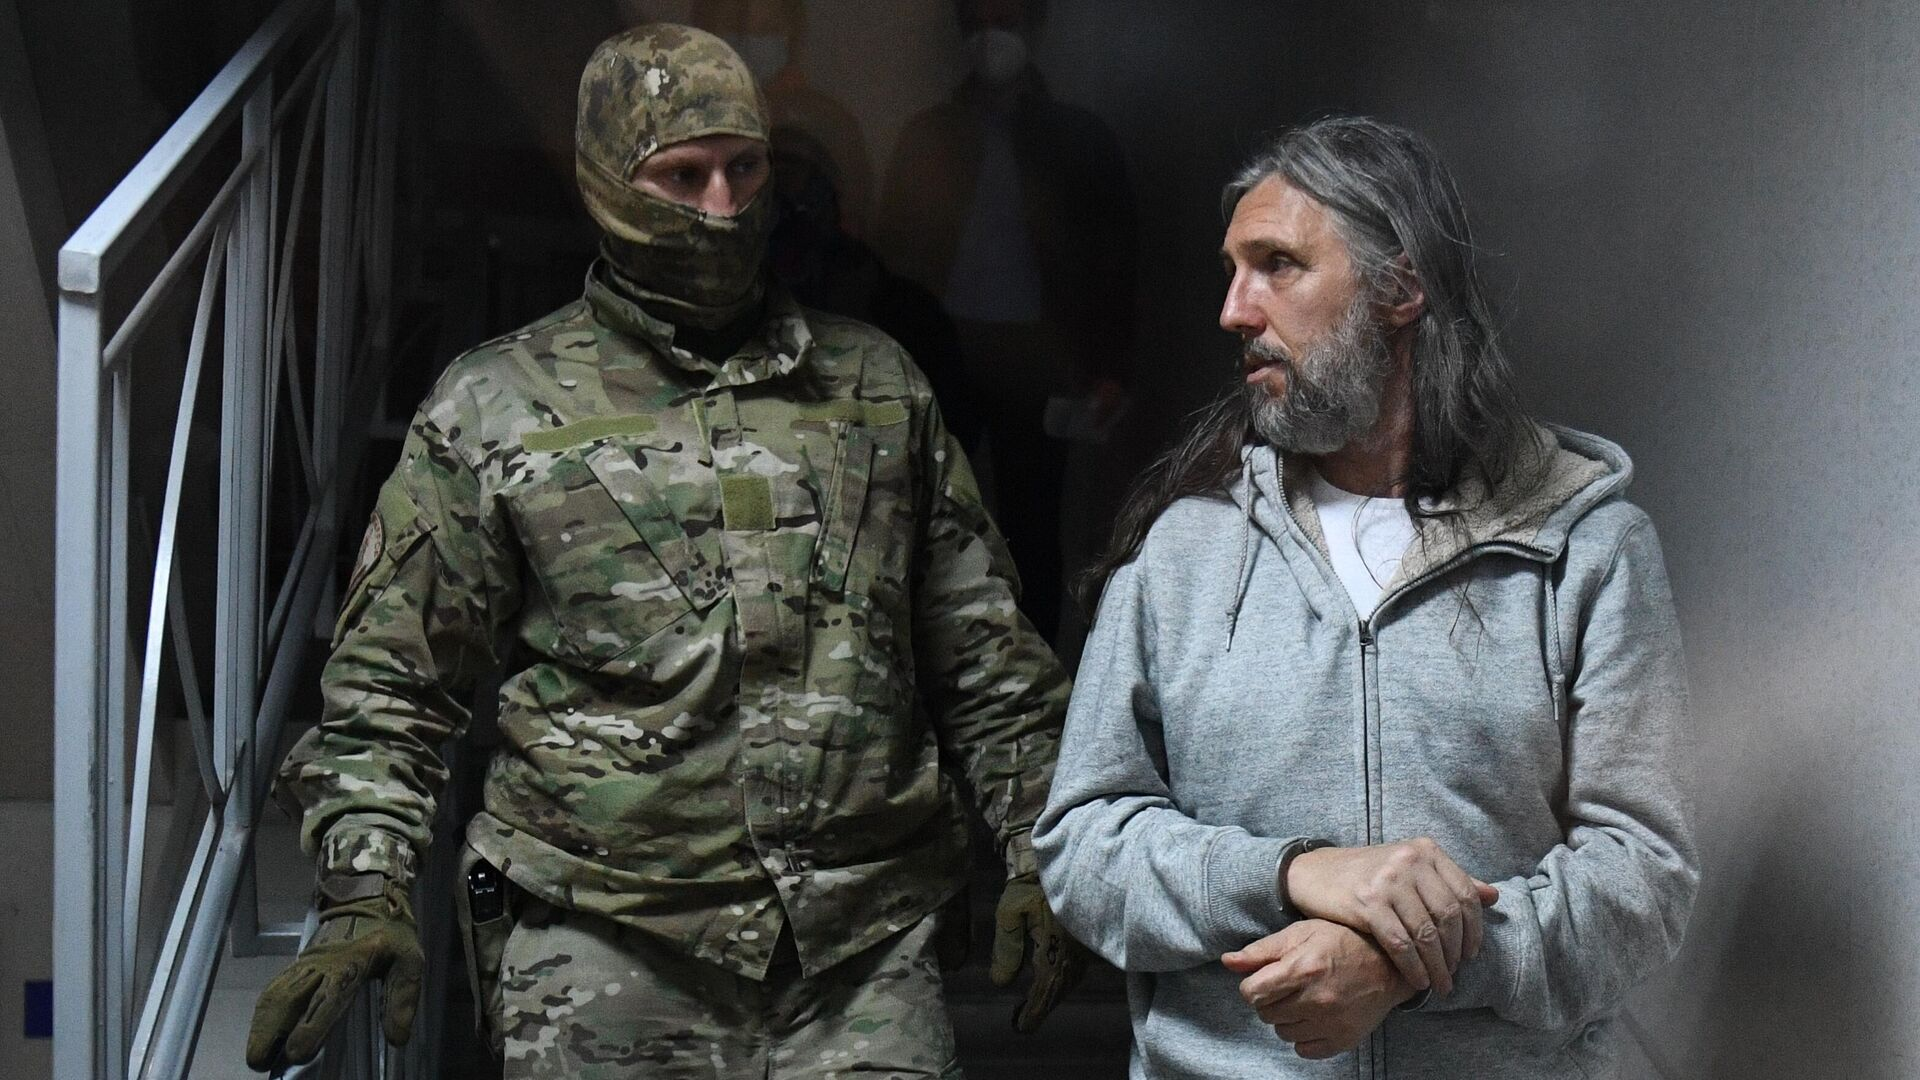 1577619147 0:0:3130:1761 1920x0 80 0 0 722f8b9802dad512581d5440861a6658 - Защита главы красноярской общины Виссариона обжалует его арест